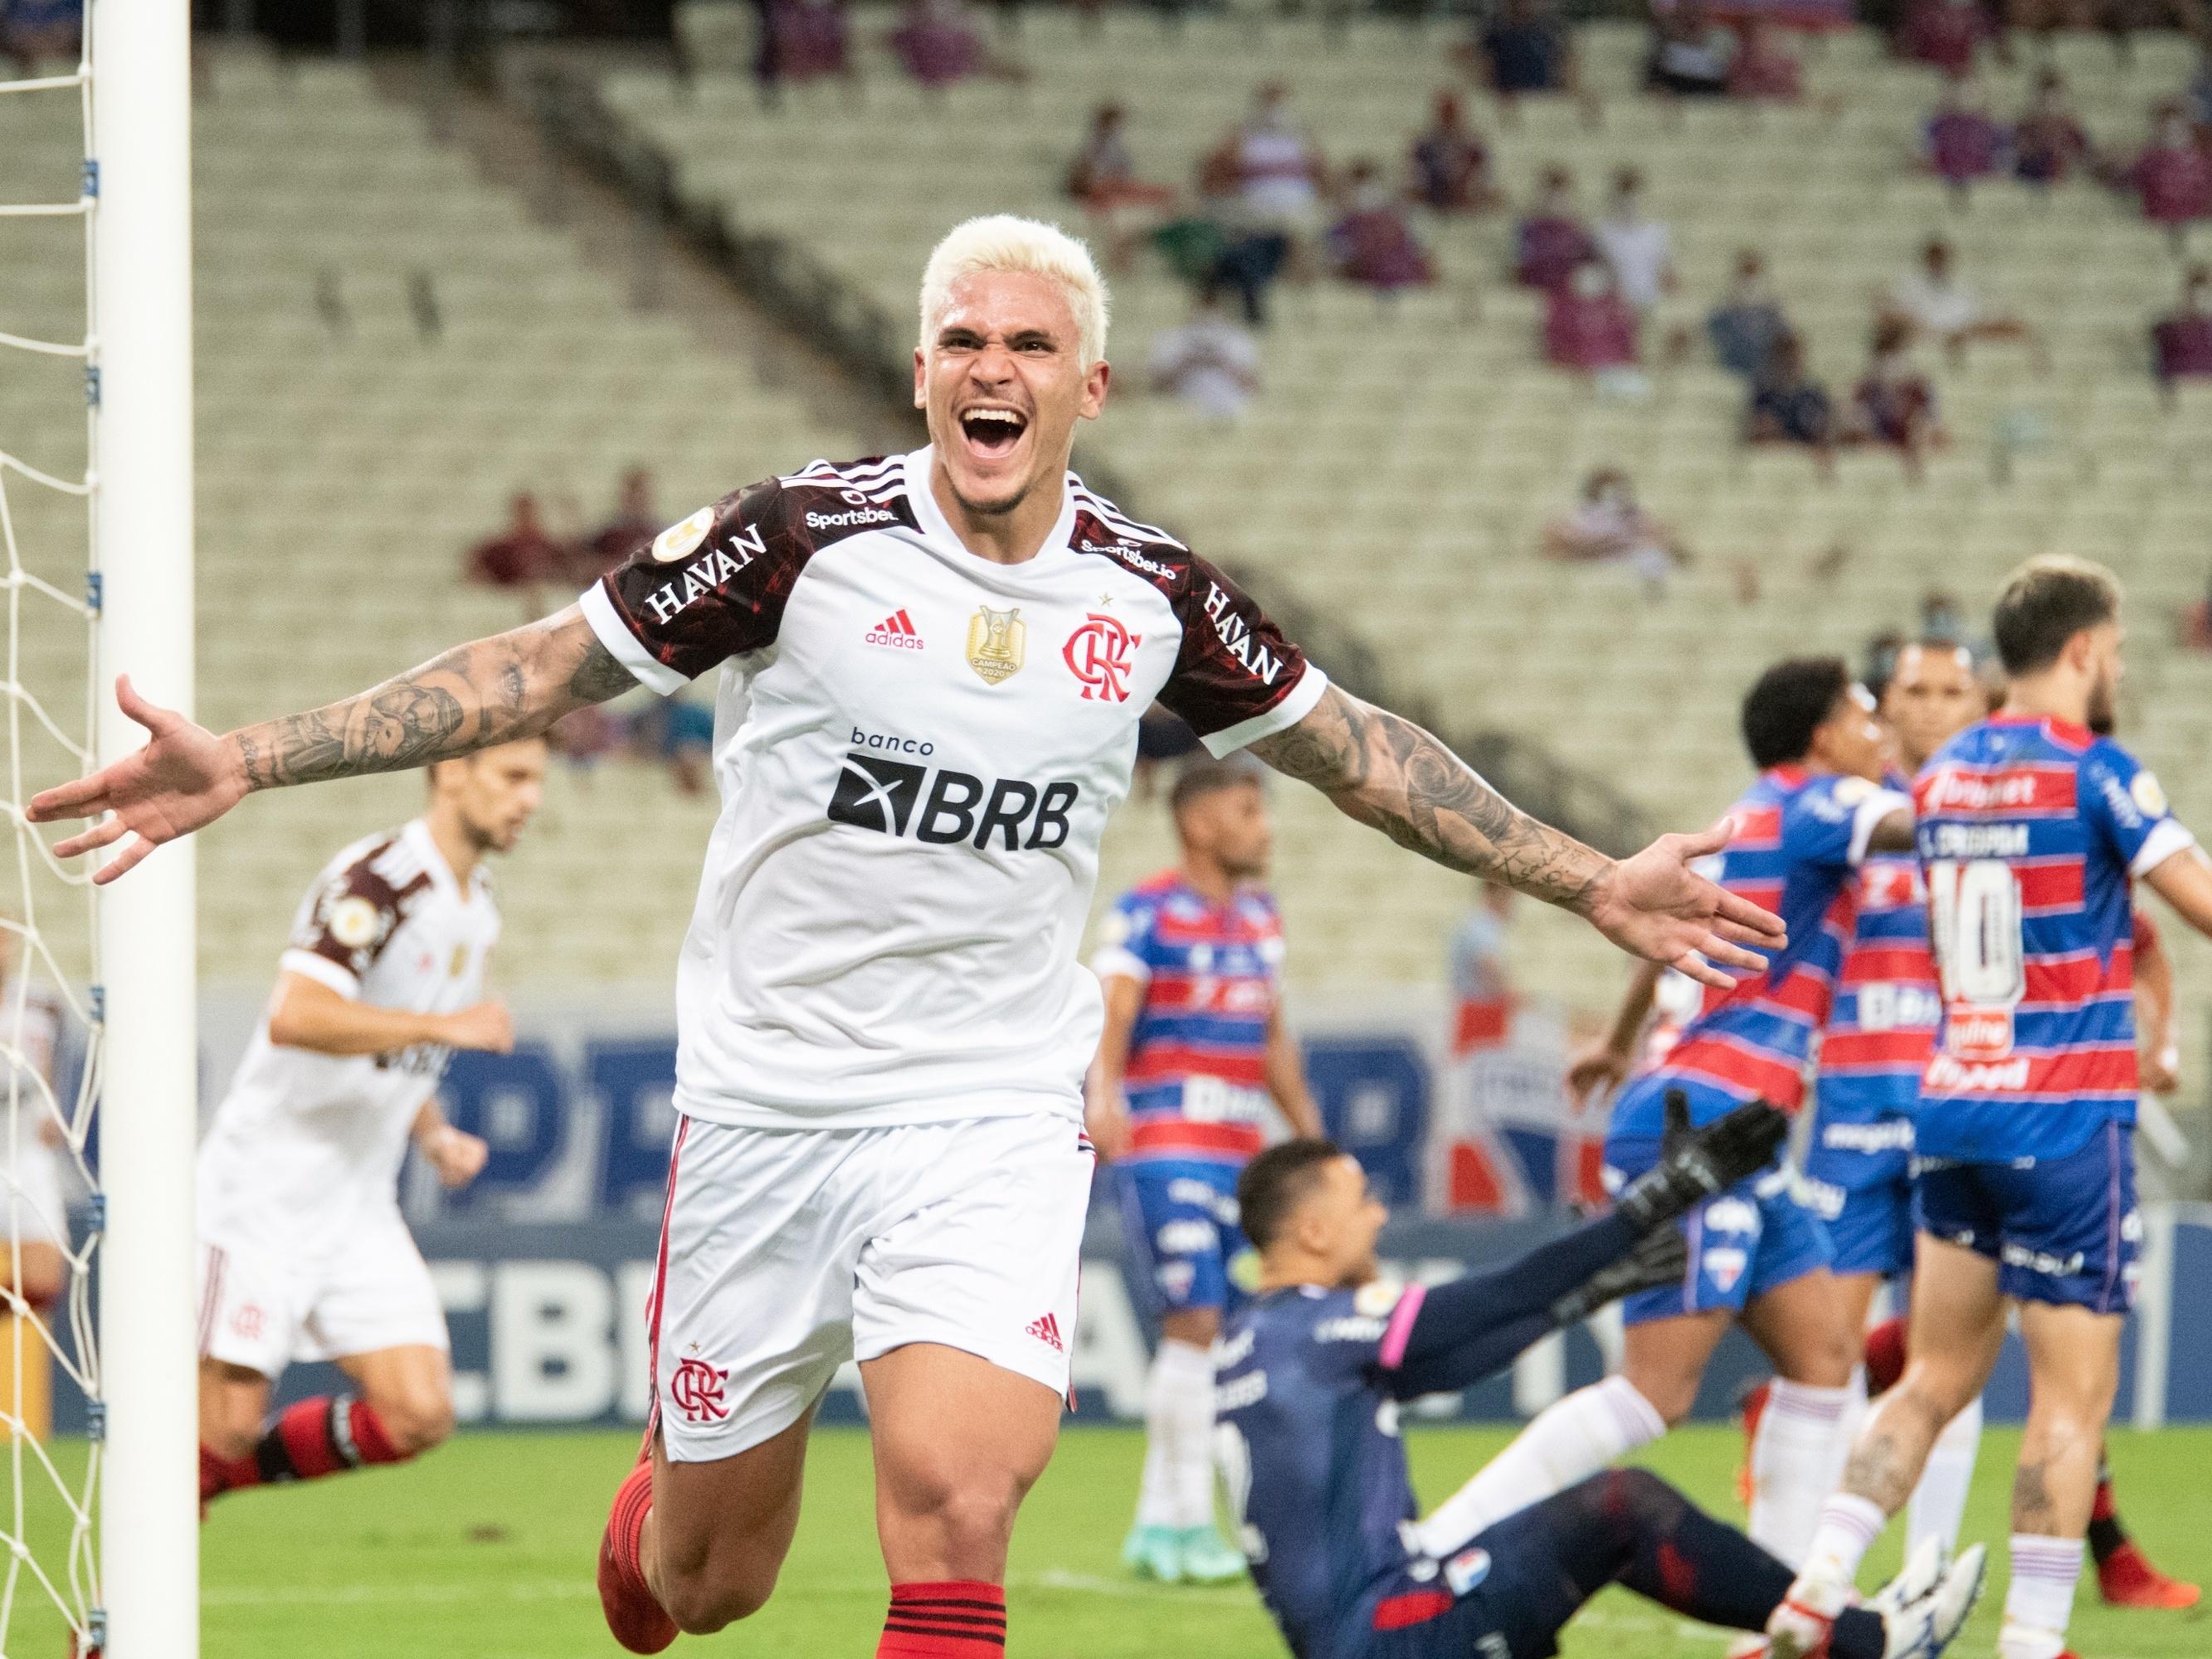 Clube do Flamengo sobrevive em meio ao caos e dá demonstração de força na luta pelo tri